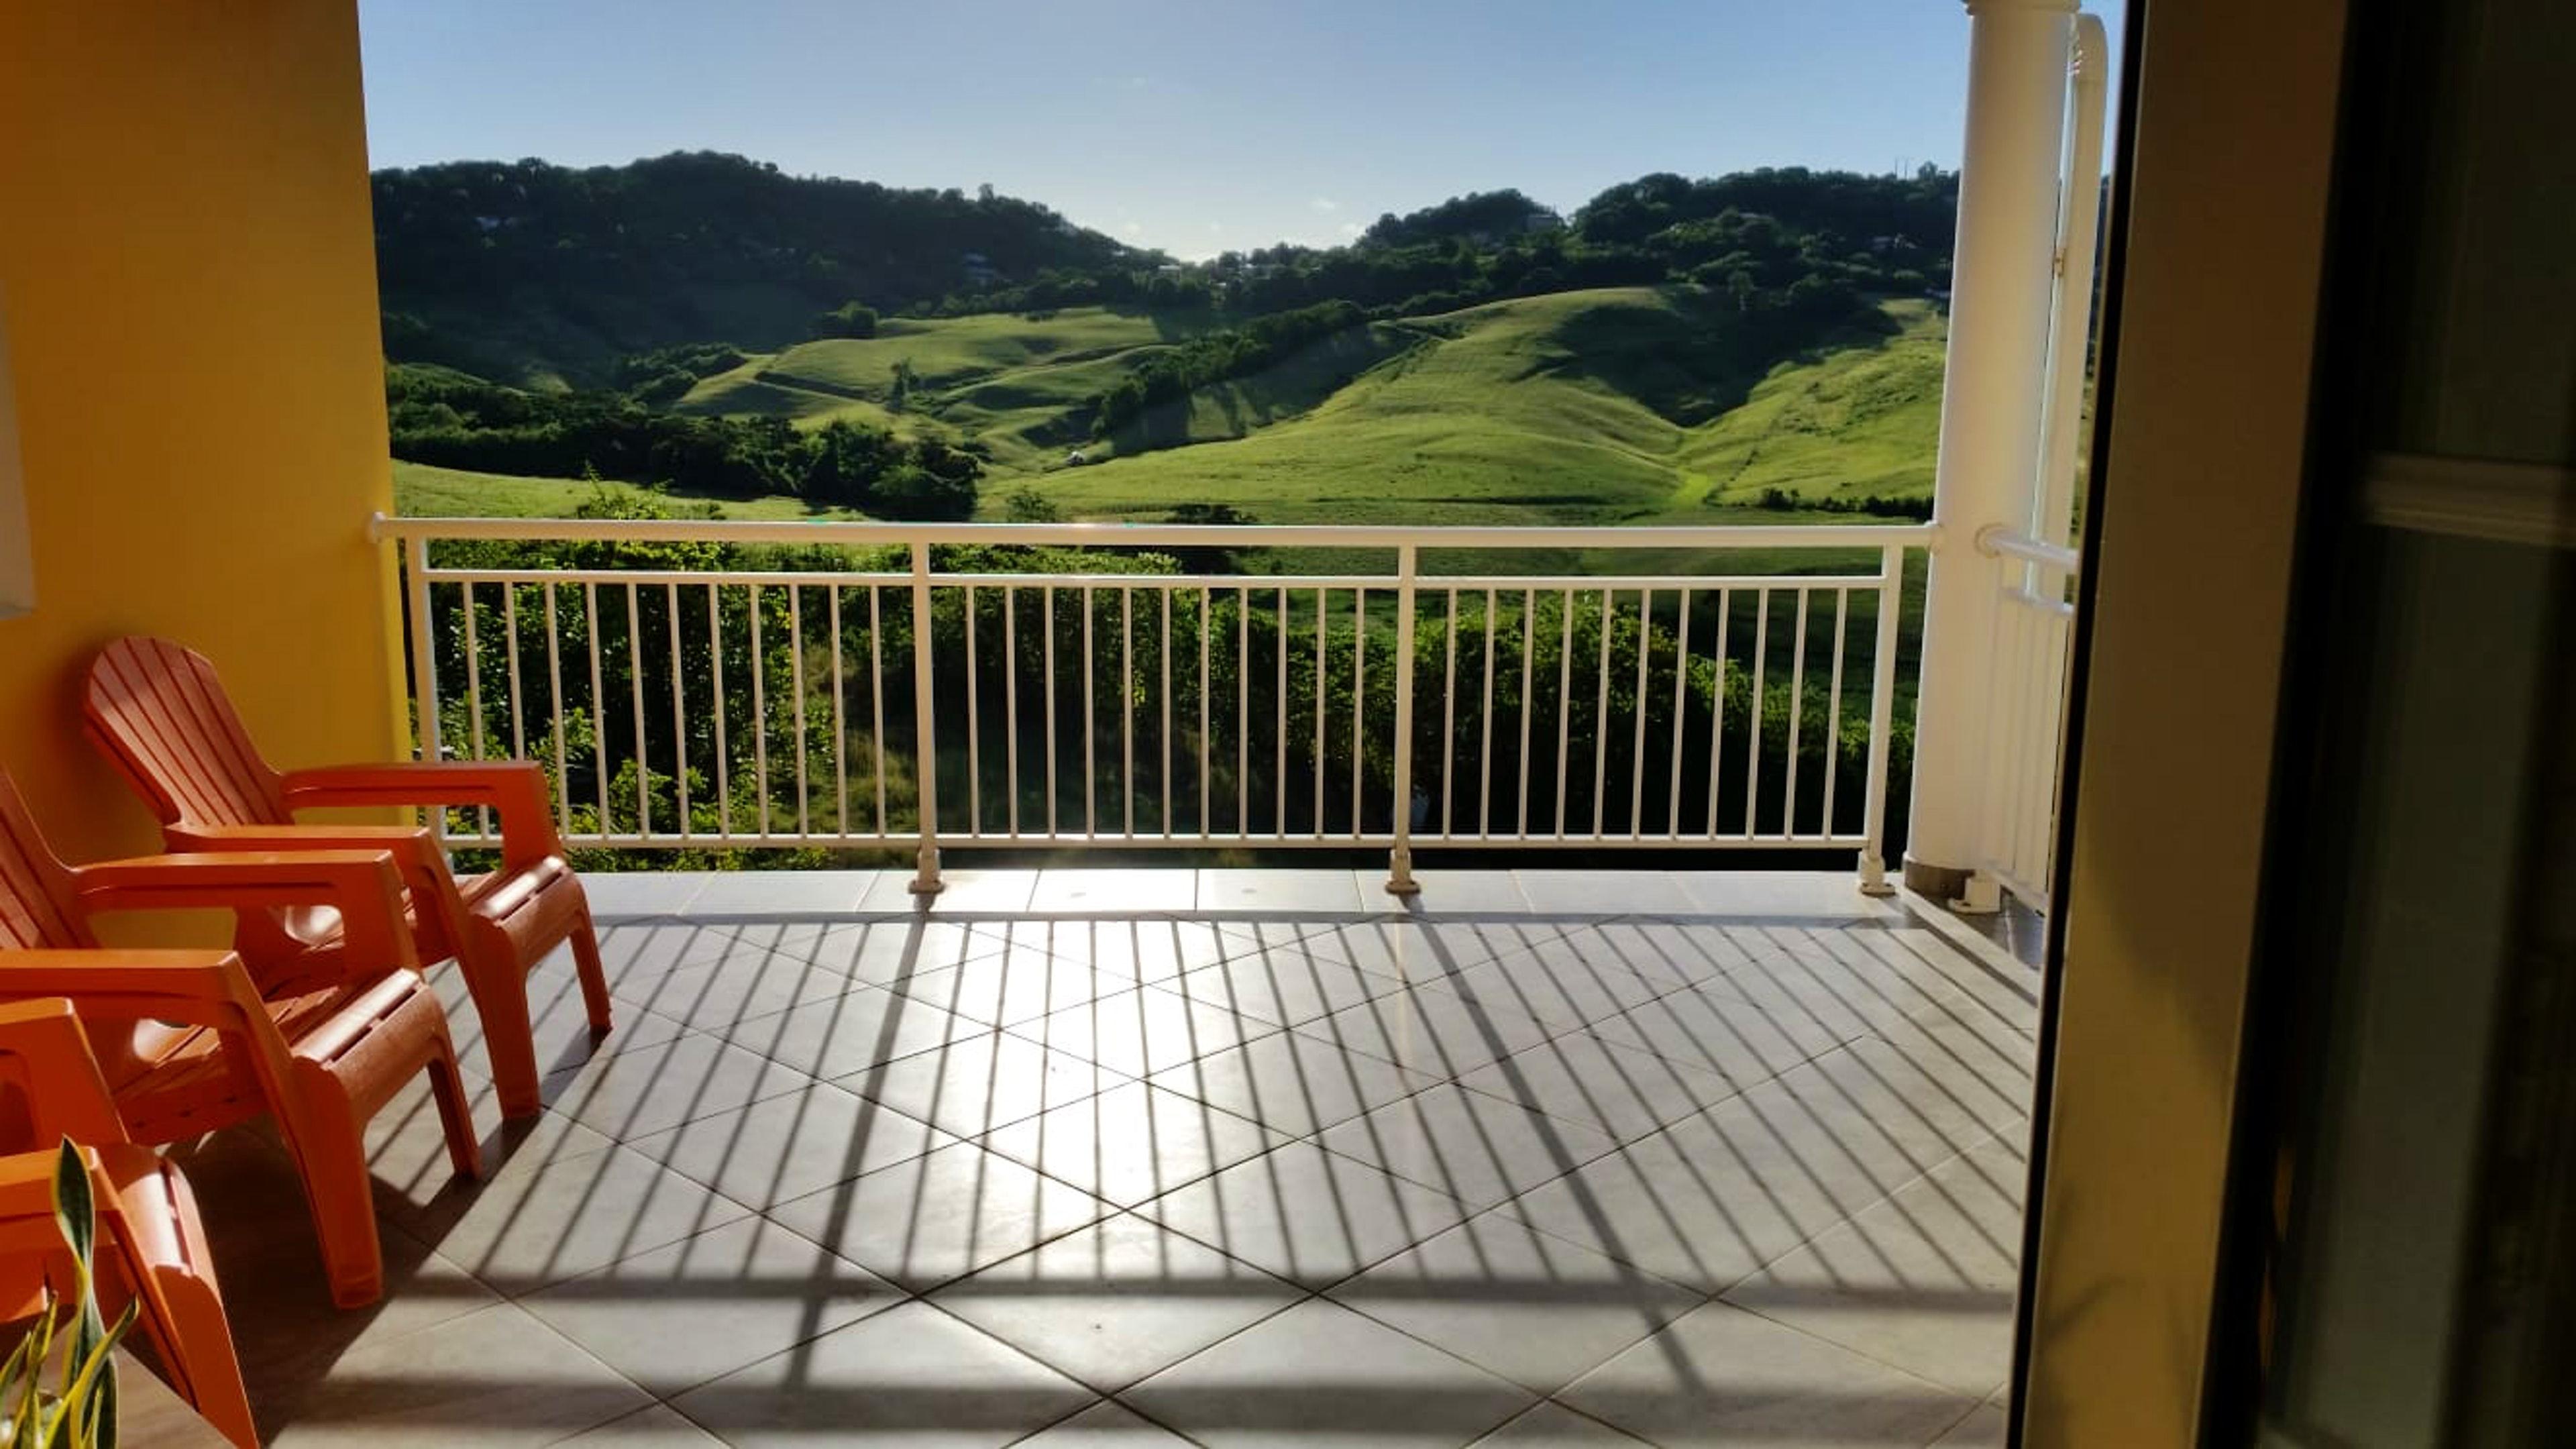 Wohnung mit 2 Schlafzimmern in Le Marin mit toller Aussicht auf die Berge, eingezäuntem Garten und W-LAN - 5 km vom Strand entfernt